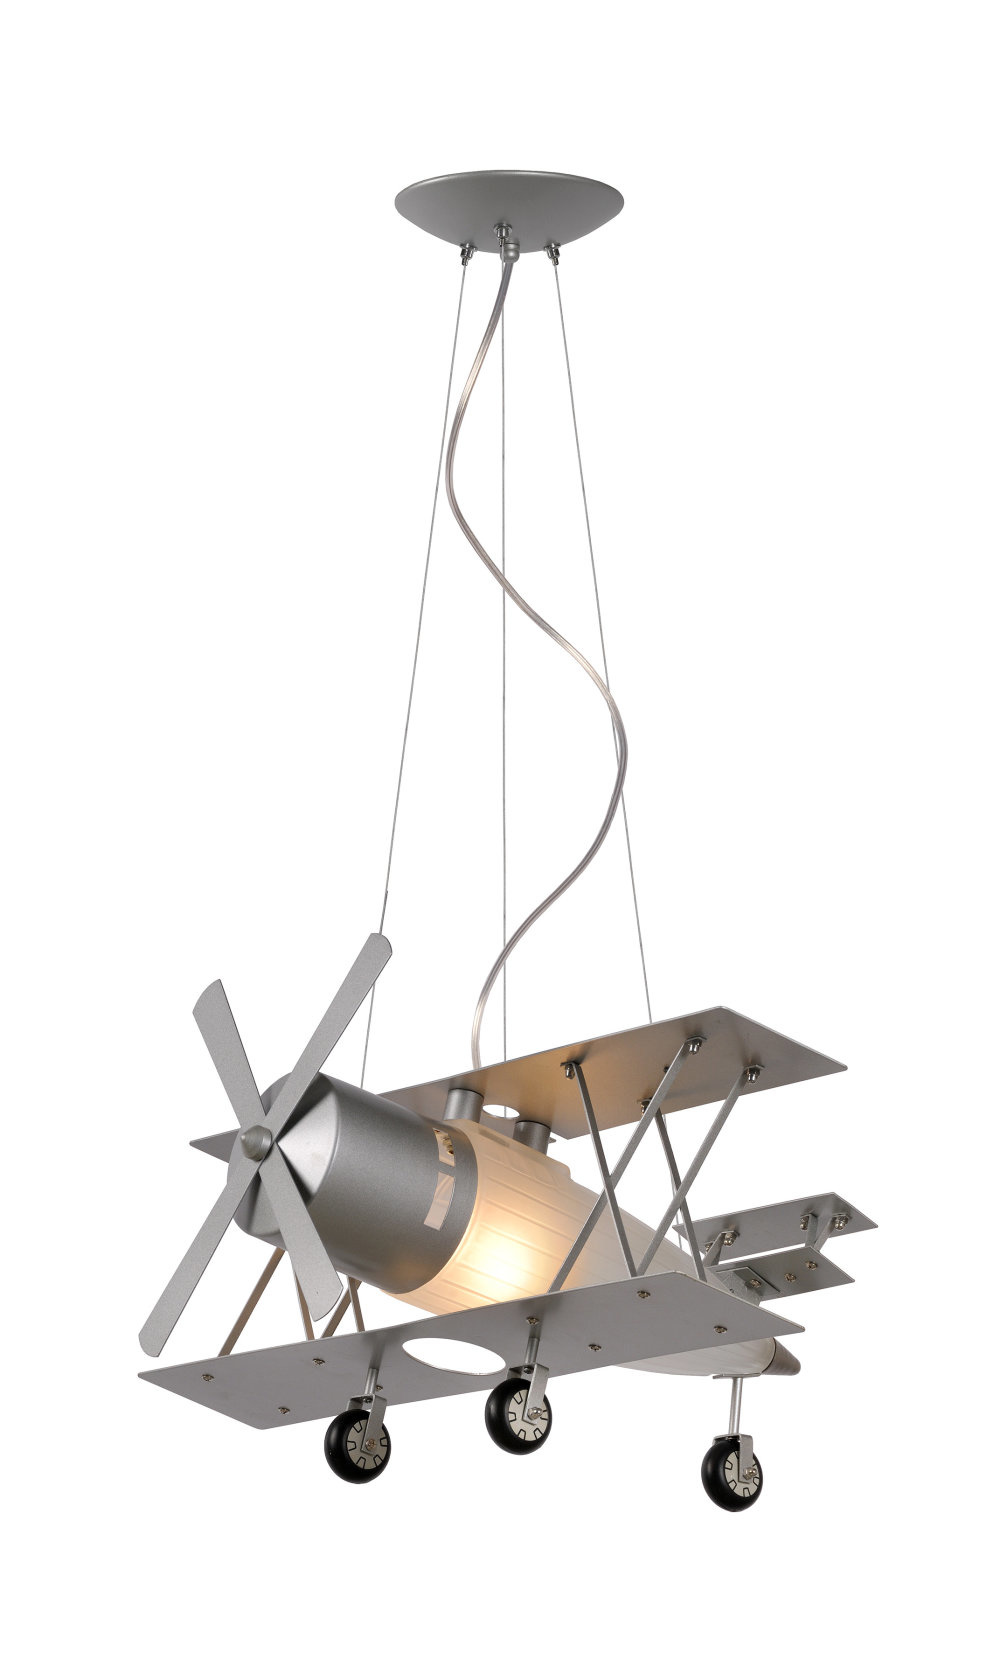 Lucide FOCKER Hanglamp Kinder-Grijs-1xE27-60W-Metaal